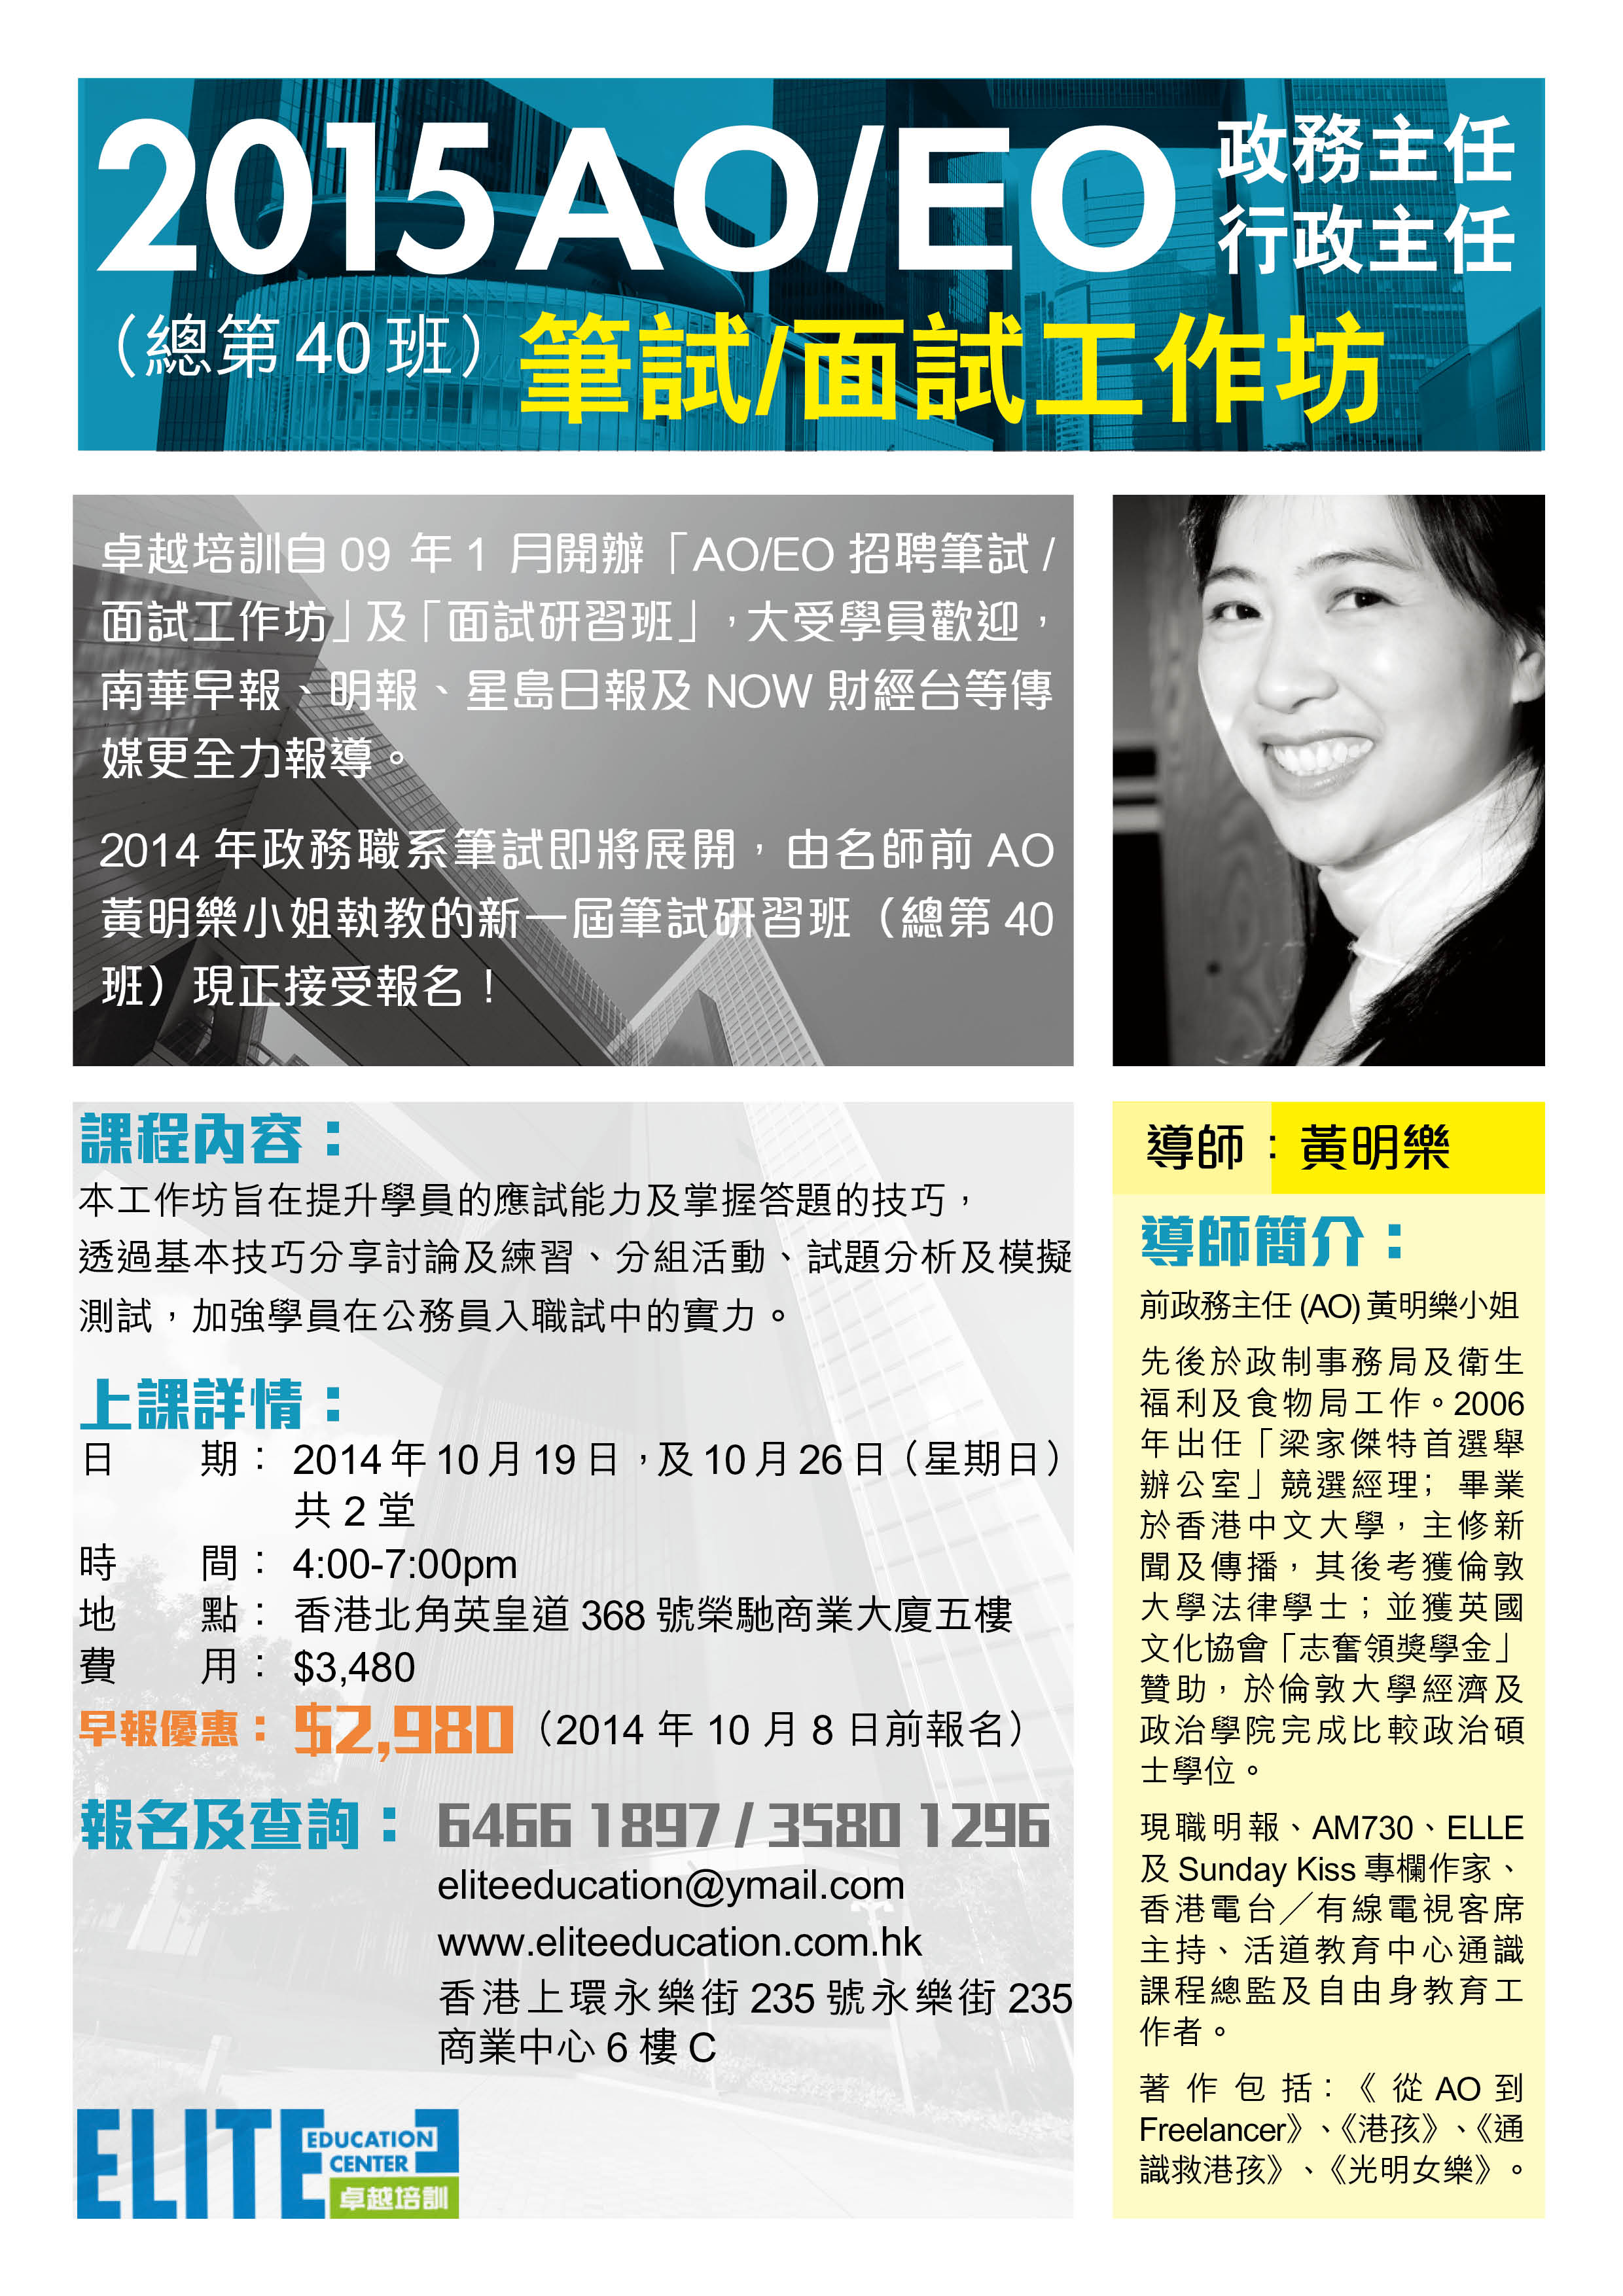 2015 黃明樂 AO/EO筆試/面試工作坊(總第40班)   Elite Education 卓越培訓